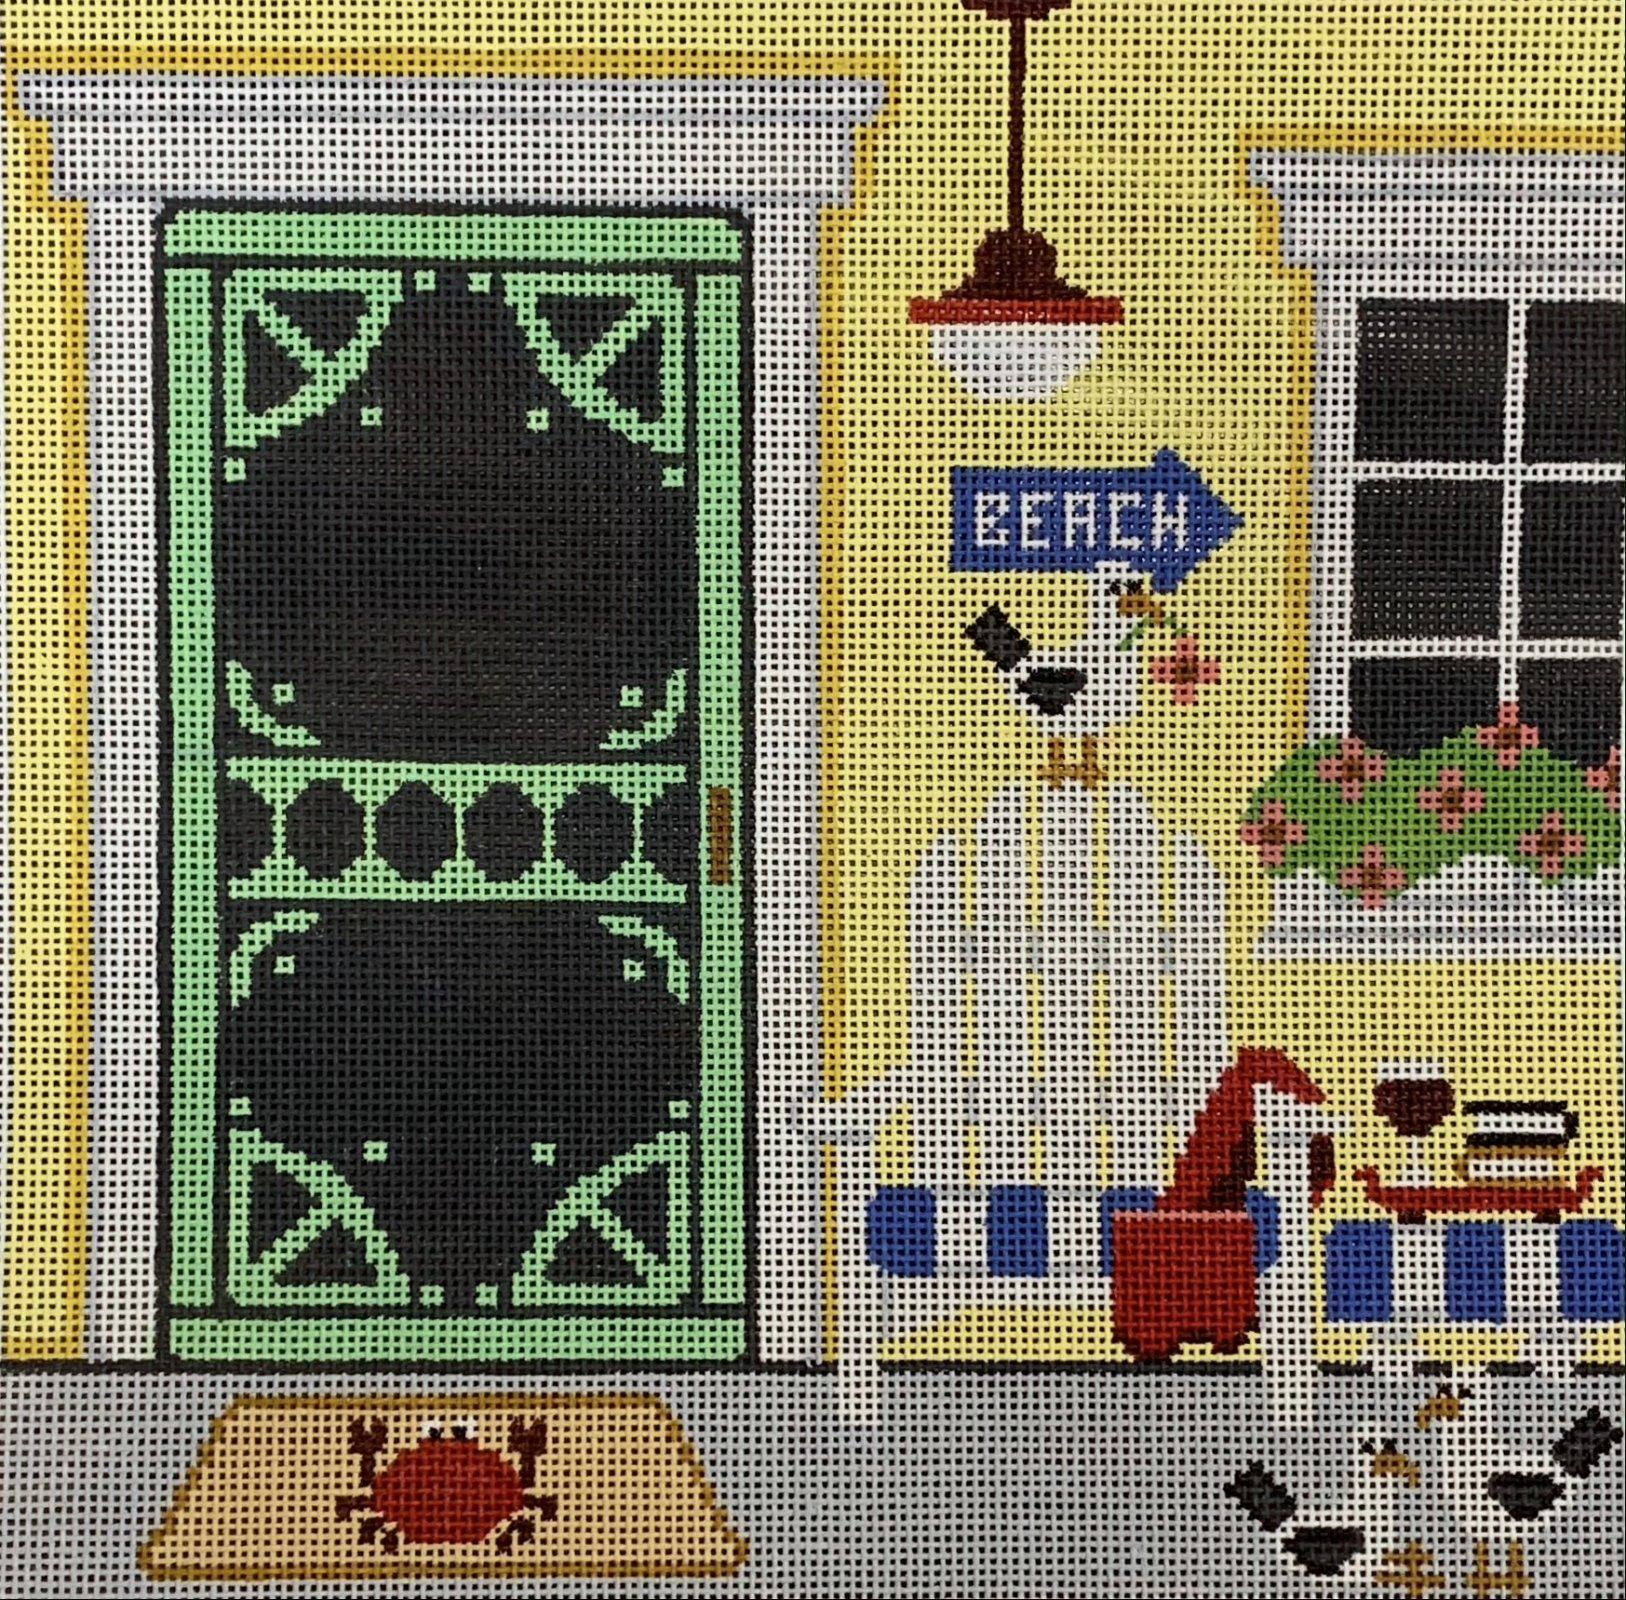 Beach House w/Stitch Guide